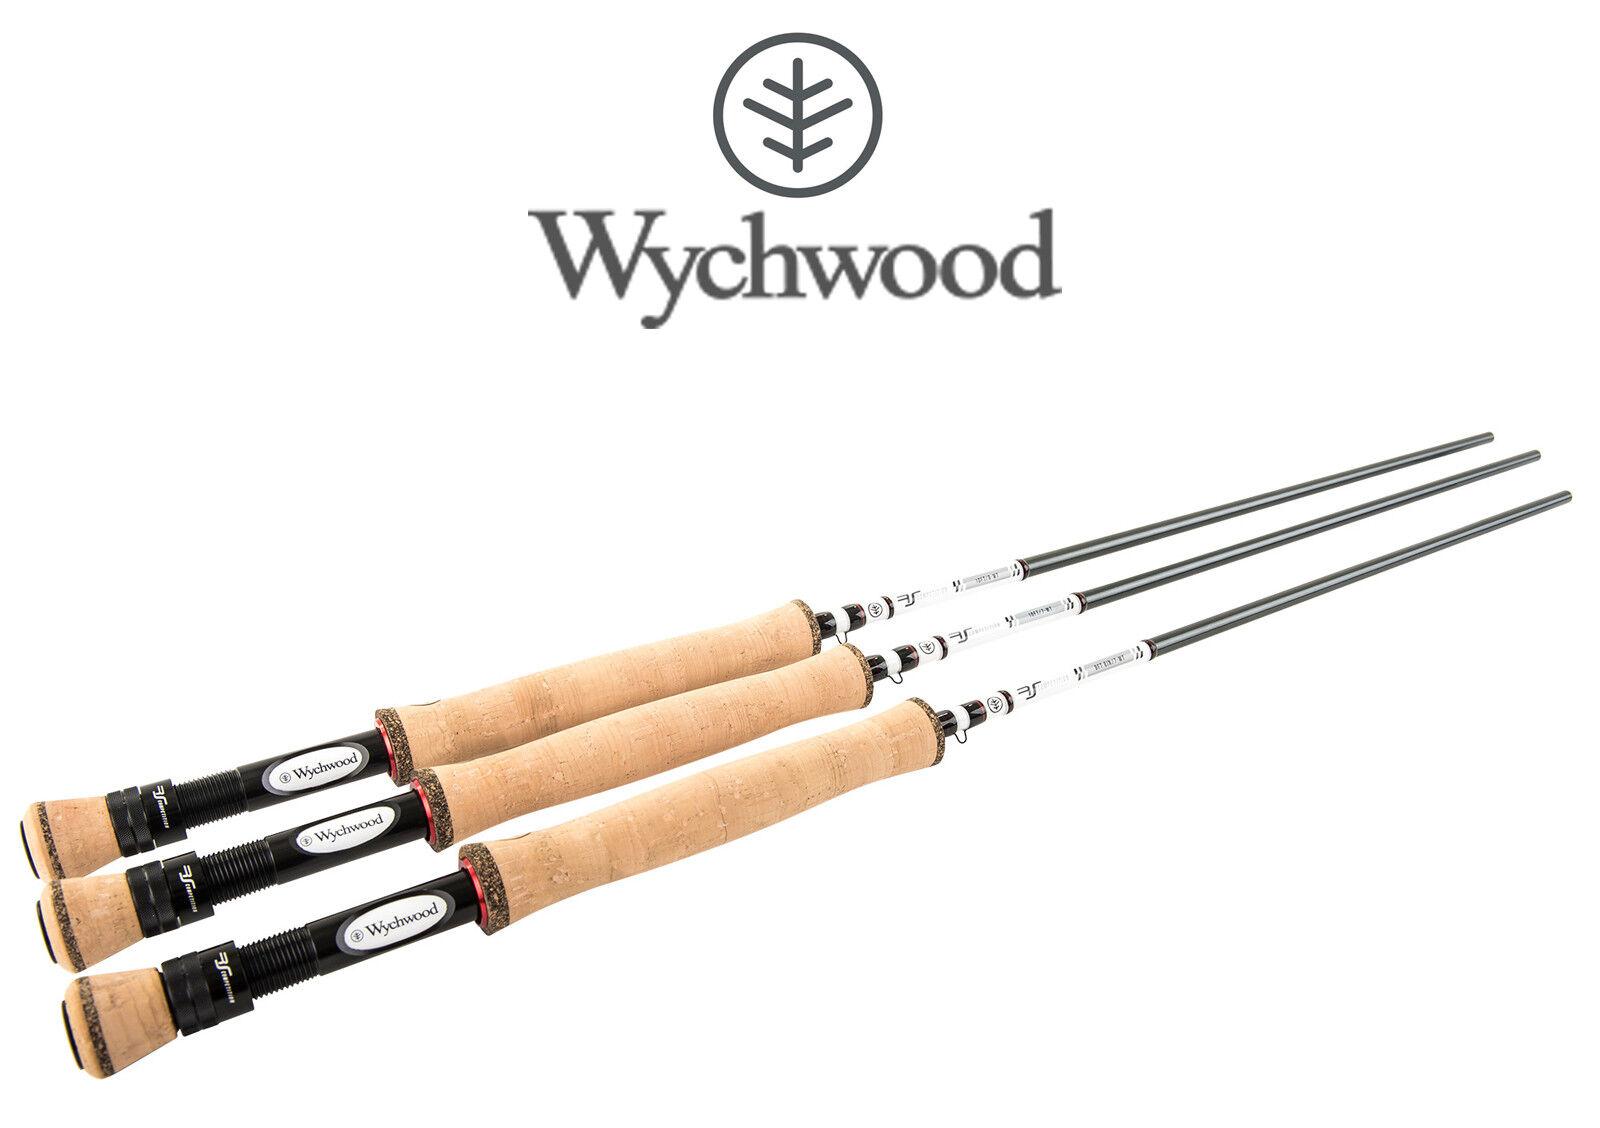 Wychwood Rs Wettbewerb Fliegenrute Alle Größen Forelle Forelle Forelle Lachs Reservoir Fischen 85cb13